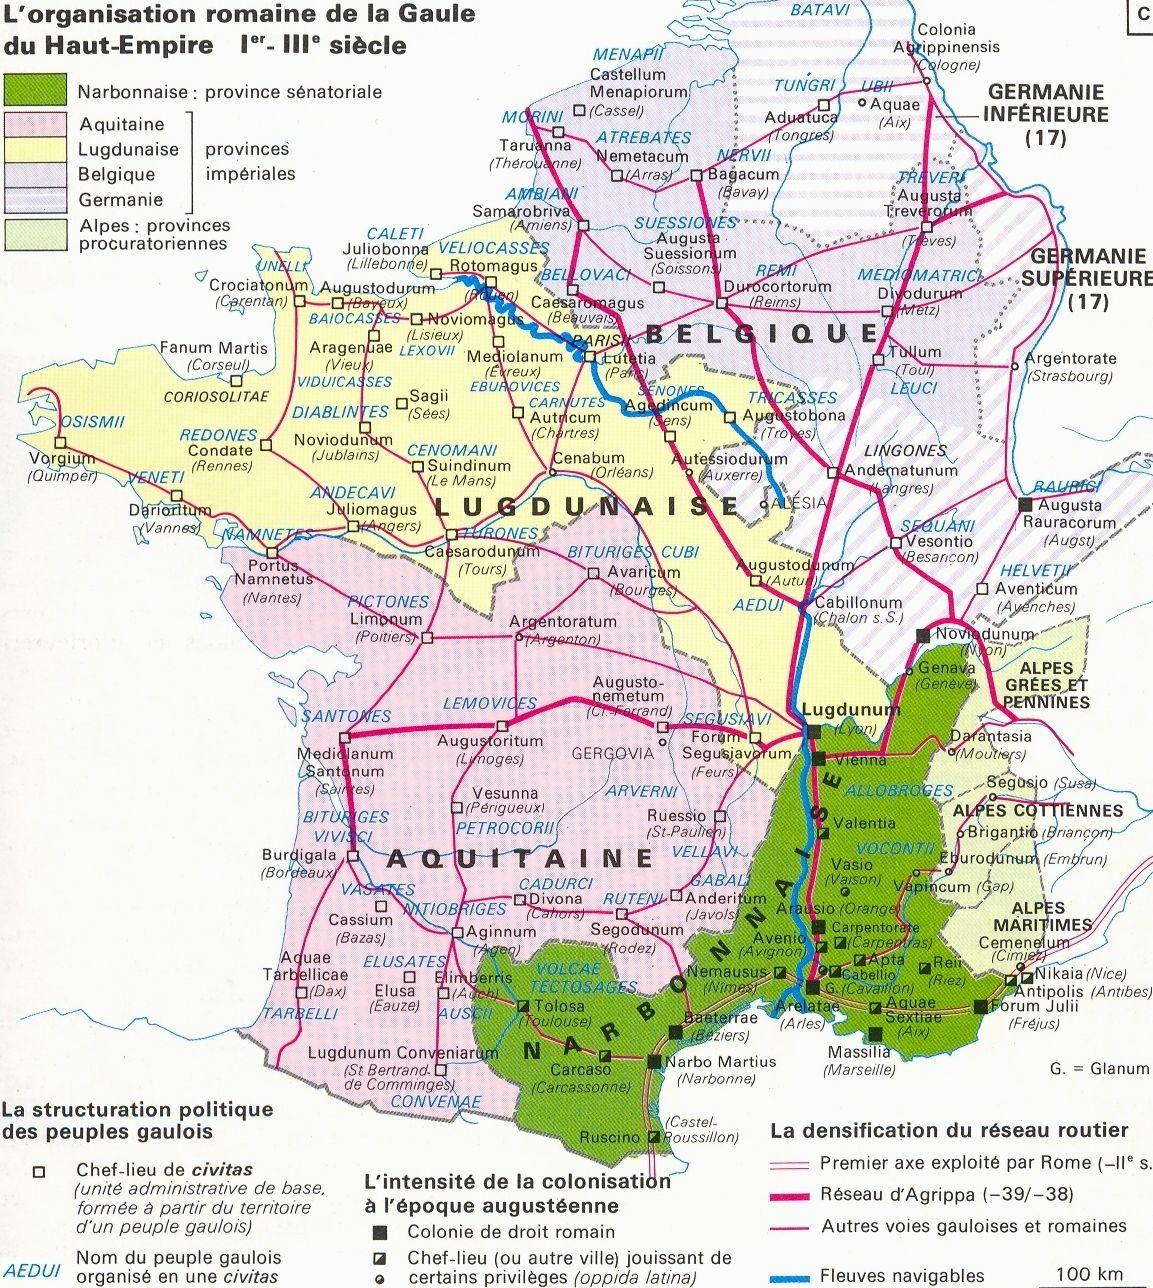 carte de la gaule romaine La Gaule romaine | Carte de la gaule, Gaule romaine